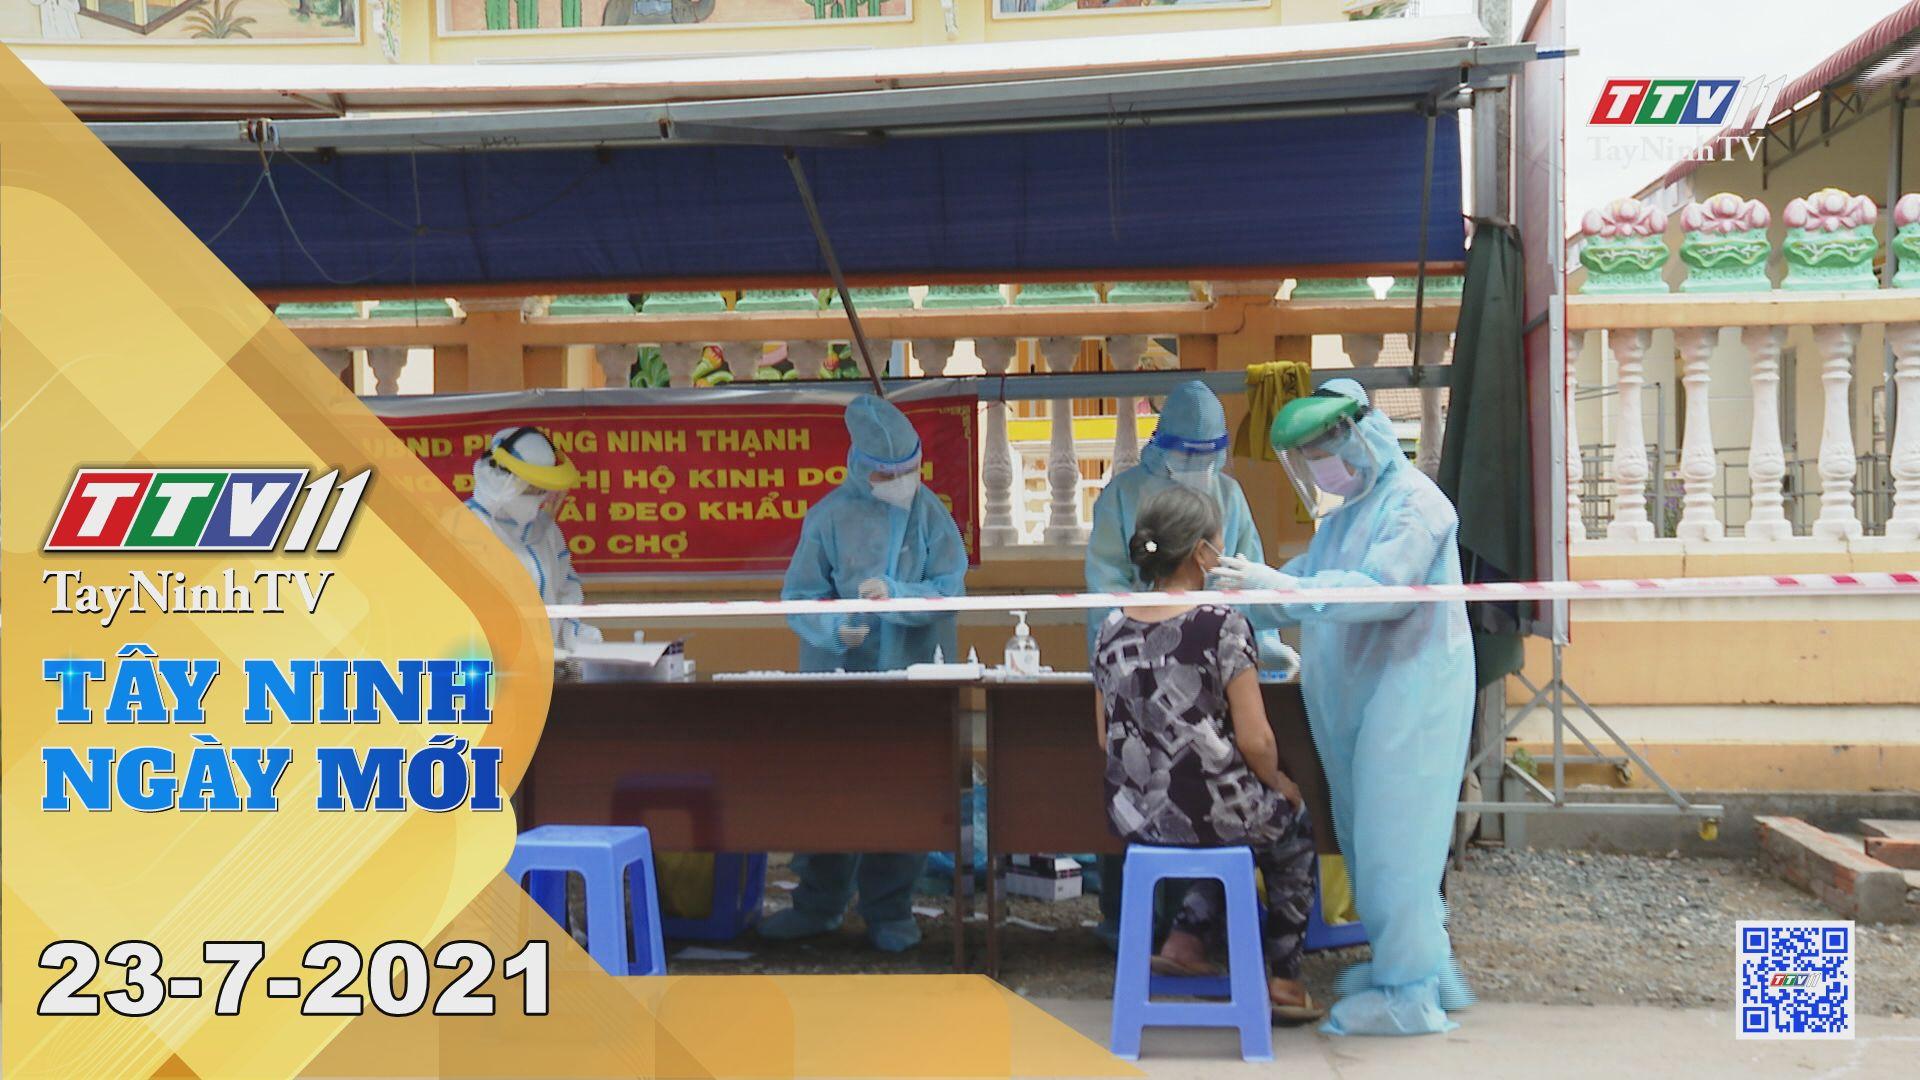 Tây Ninh Ngày Mới 23-7-2021 | Tin tức hôm nay | TayNinhTV